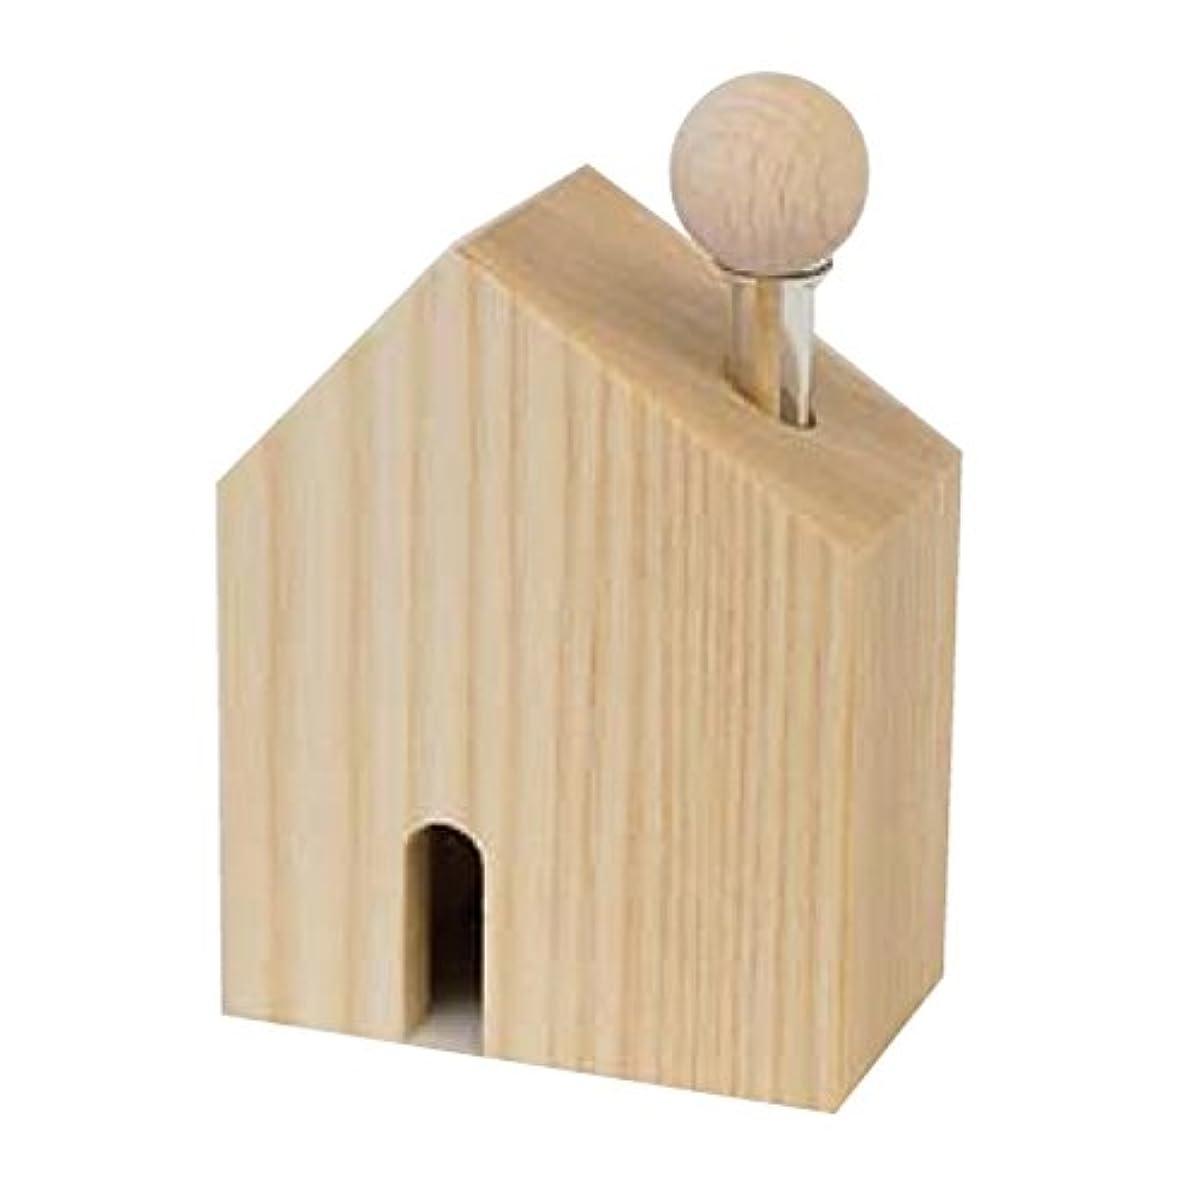 睡眠冷淡なオピエートカリス成城 アロマ芳香器 木のお家